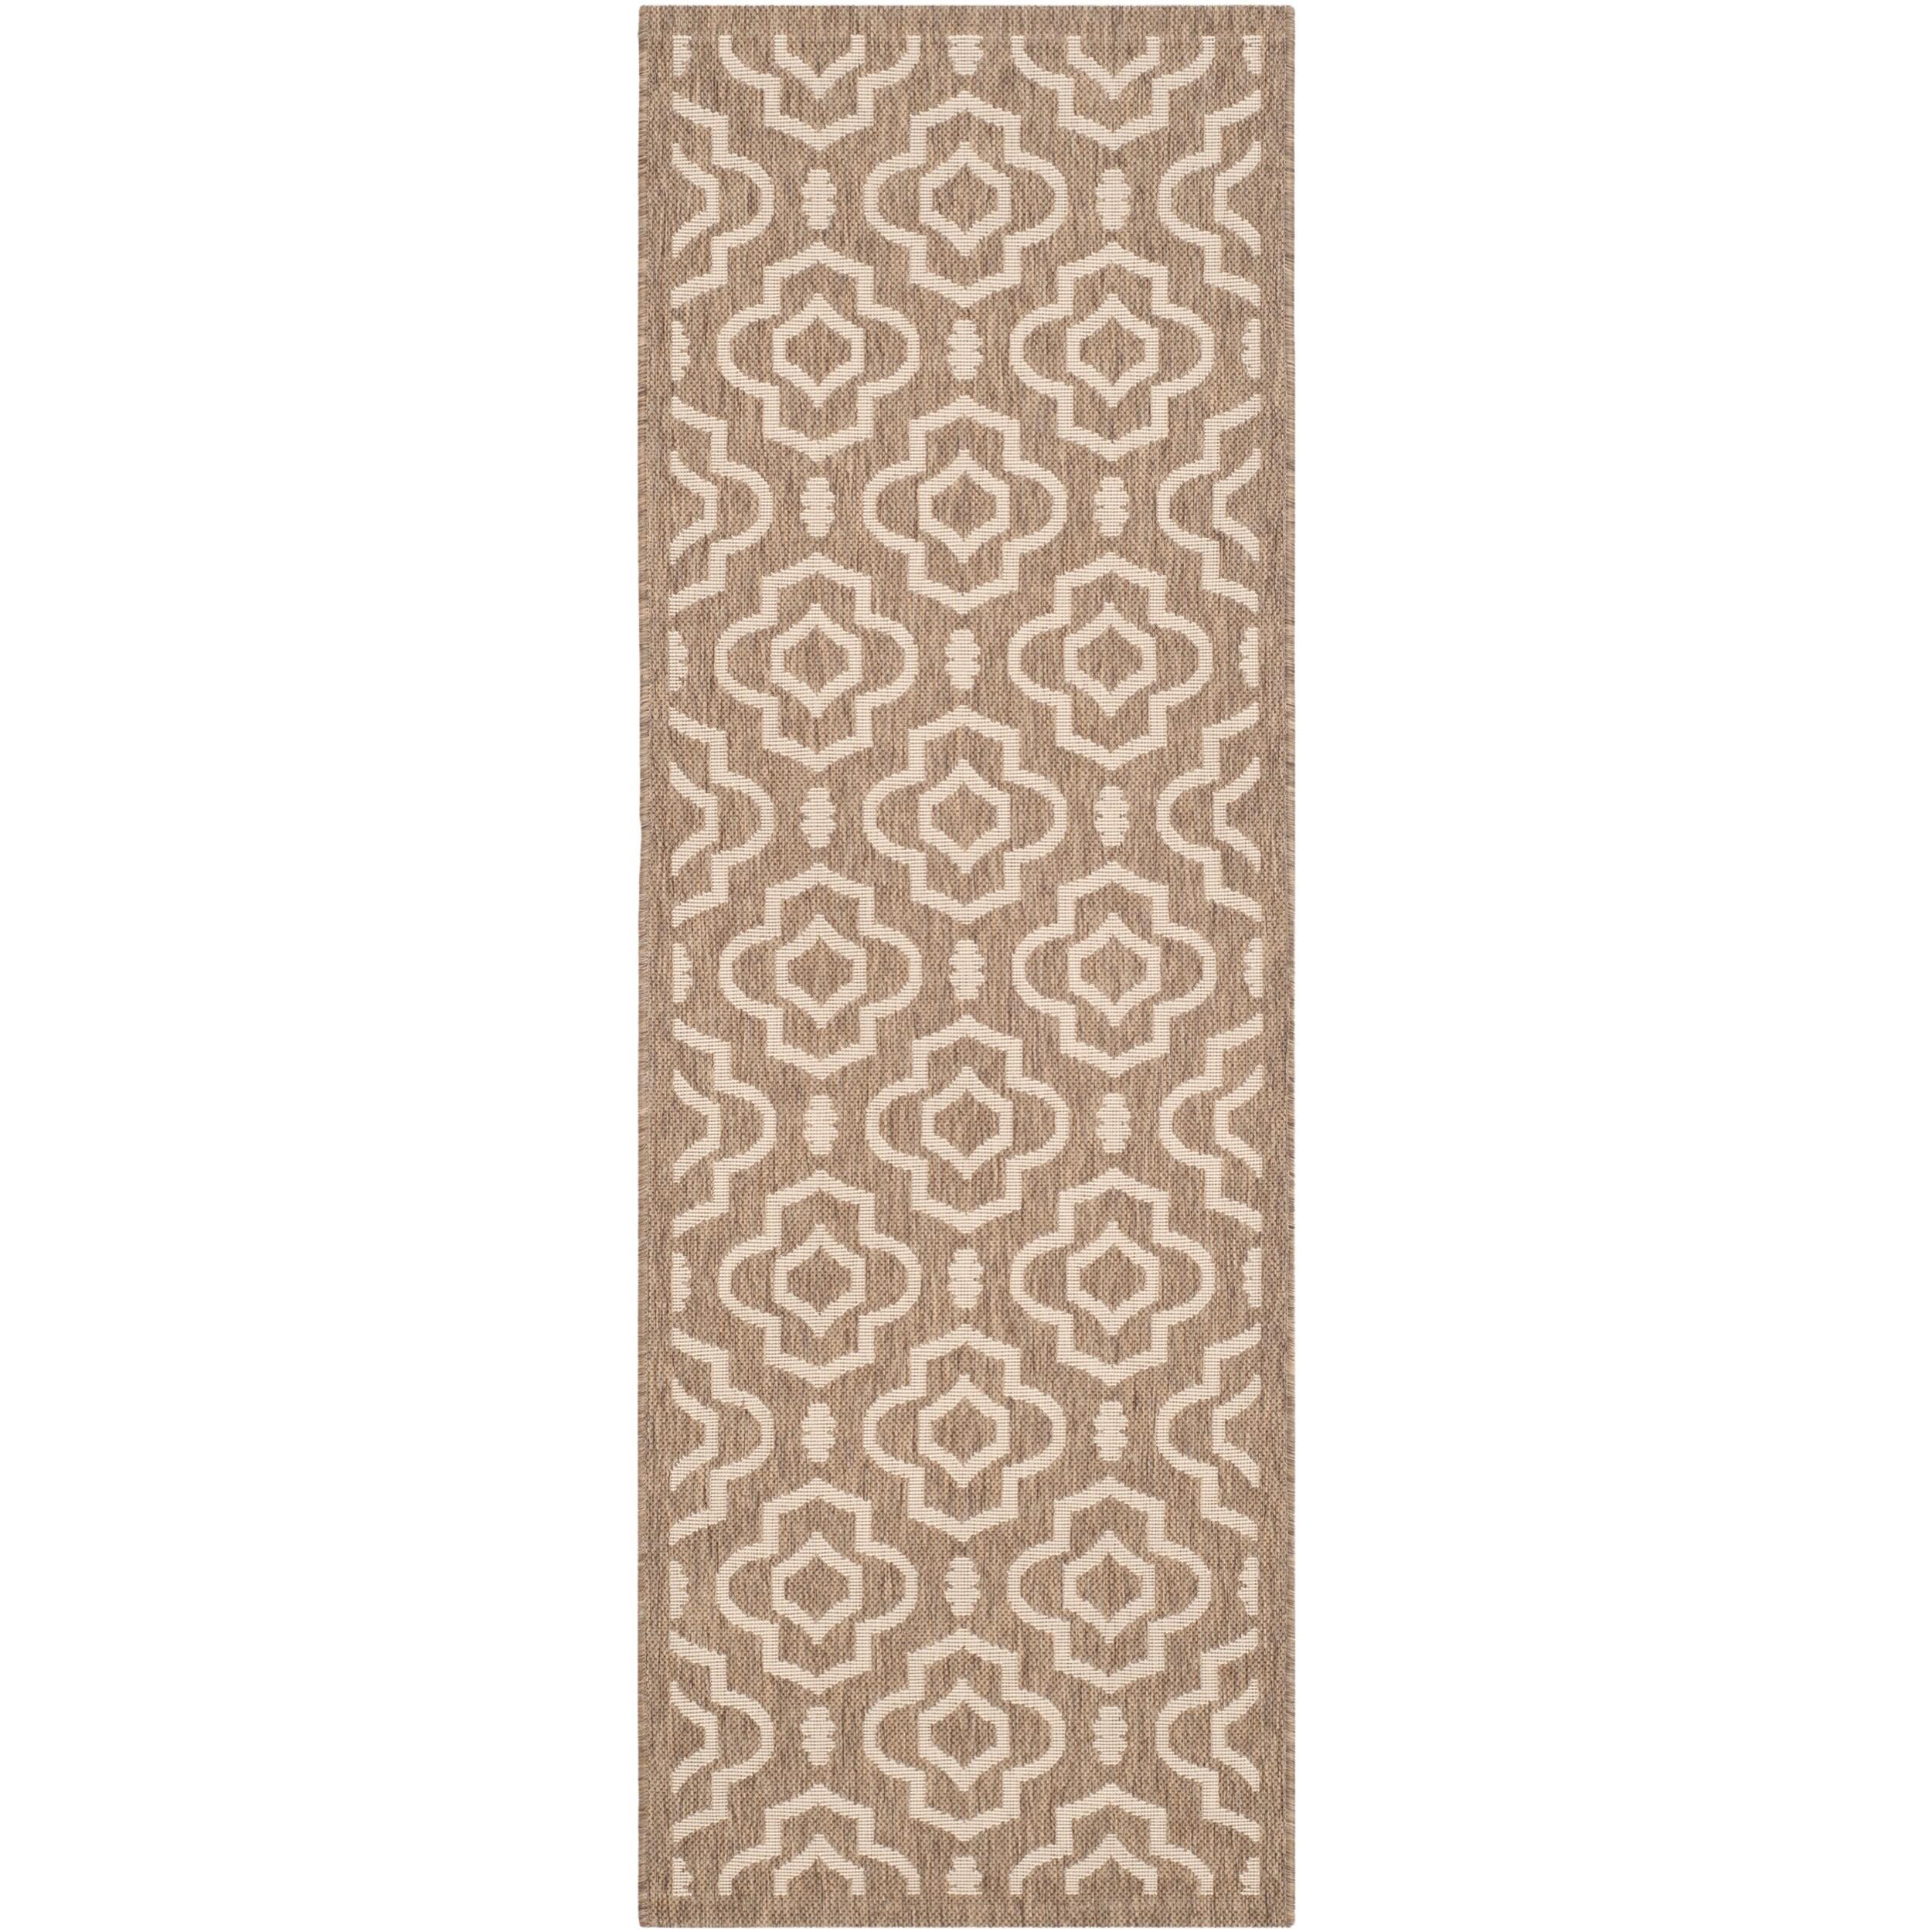 Safavieh Indoor/ Outdoor Courtyard Brown/ Bone Rectangular Rug (23 X 67)